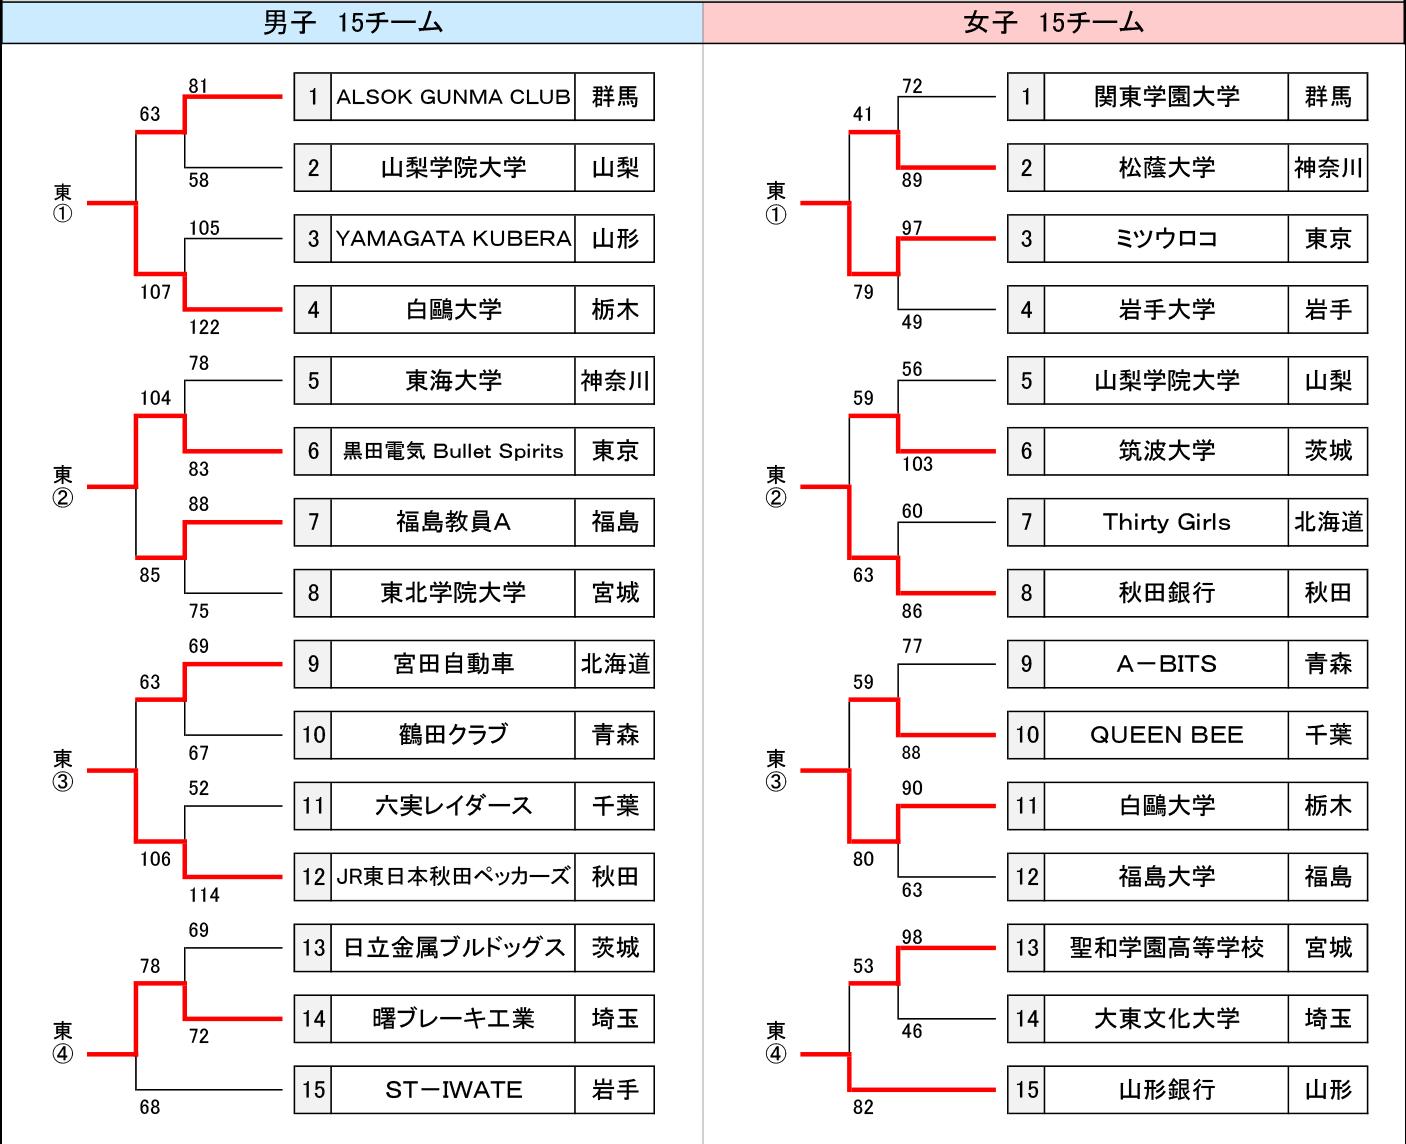 2018年度 第94回天皇杯・第85回皇后杯 全国中学校バスケットボール大会 1次ラウンド 東日本大会 - 大会結果